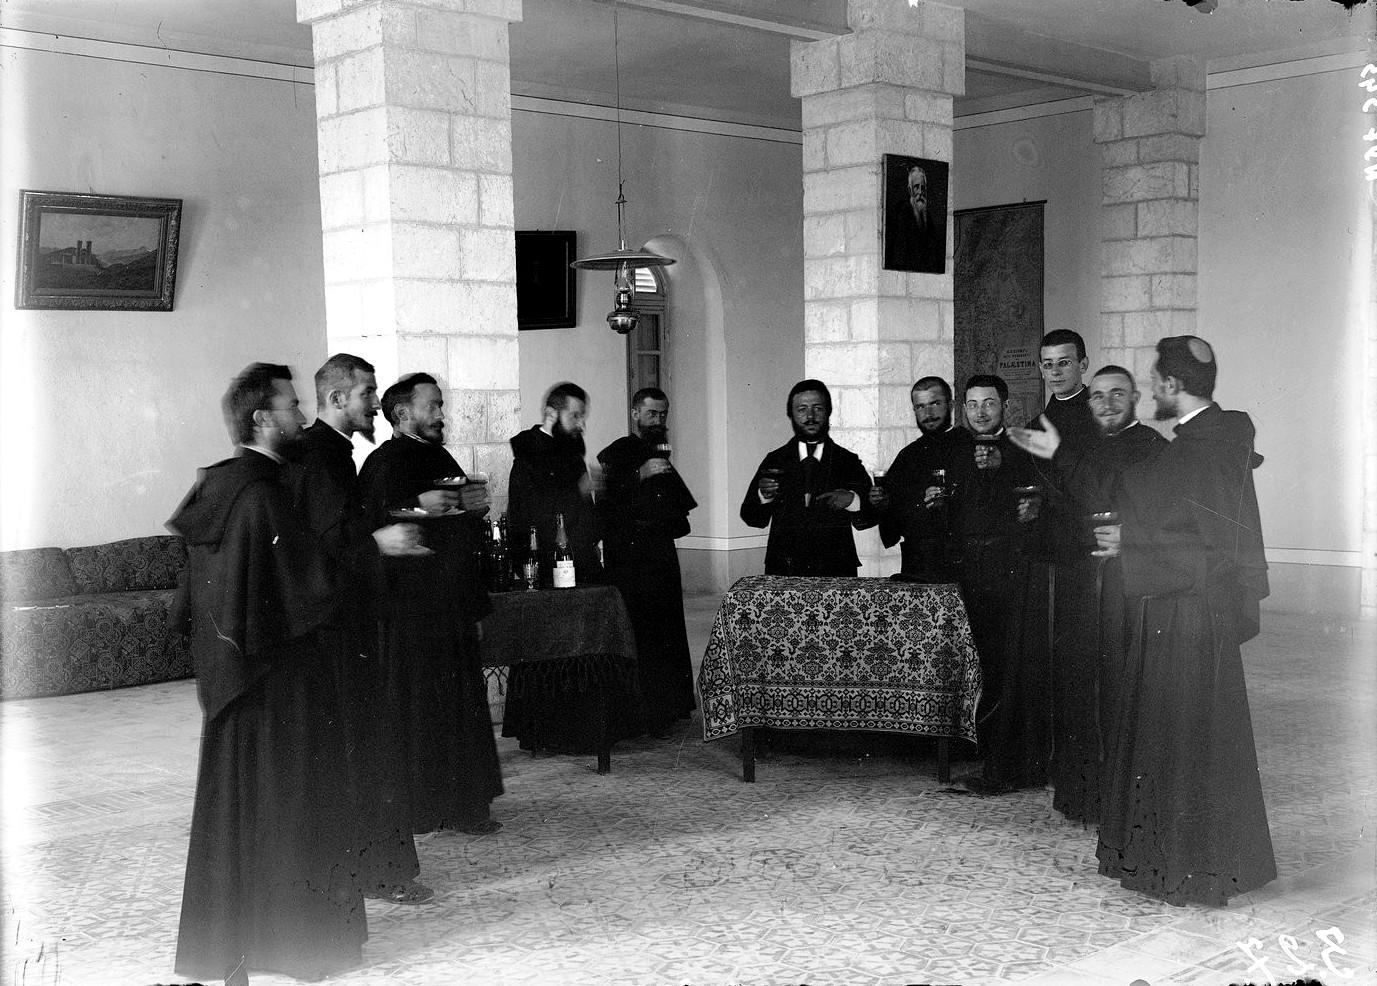 1920. Монахи ордена ассомпционистов пьют шампанское